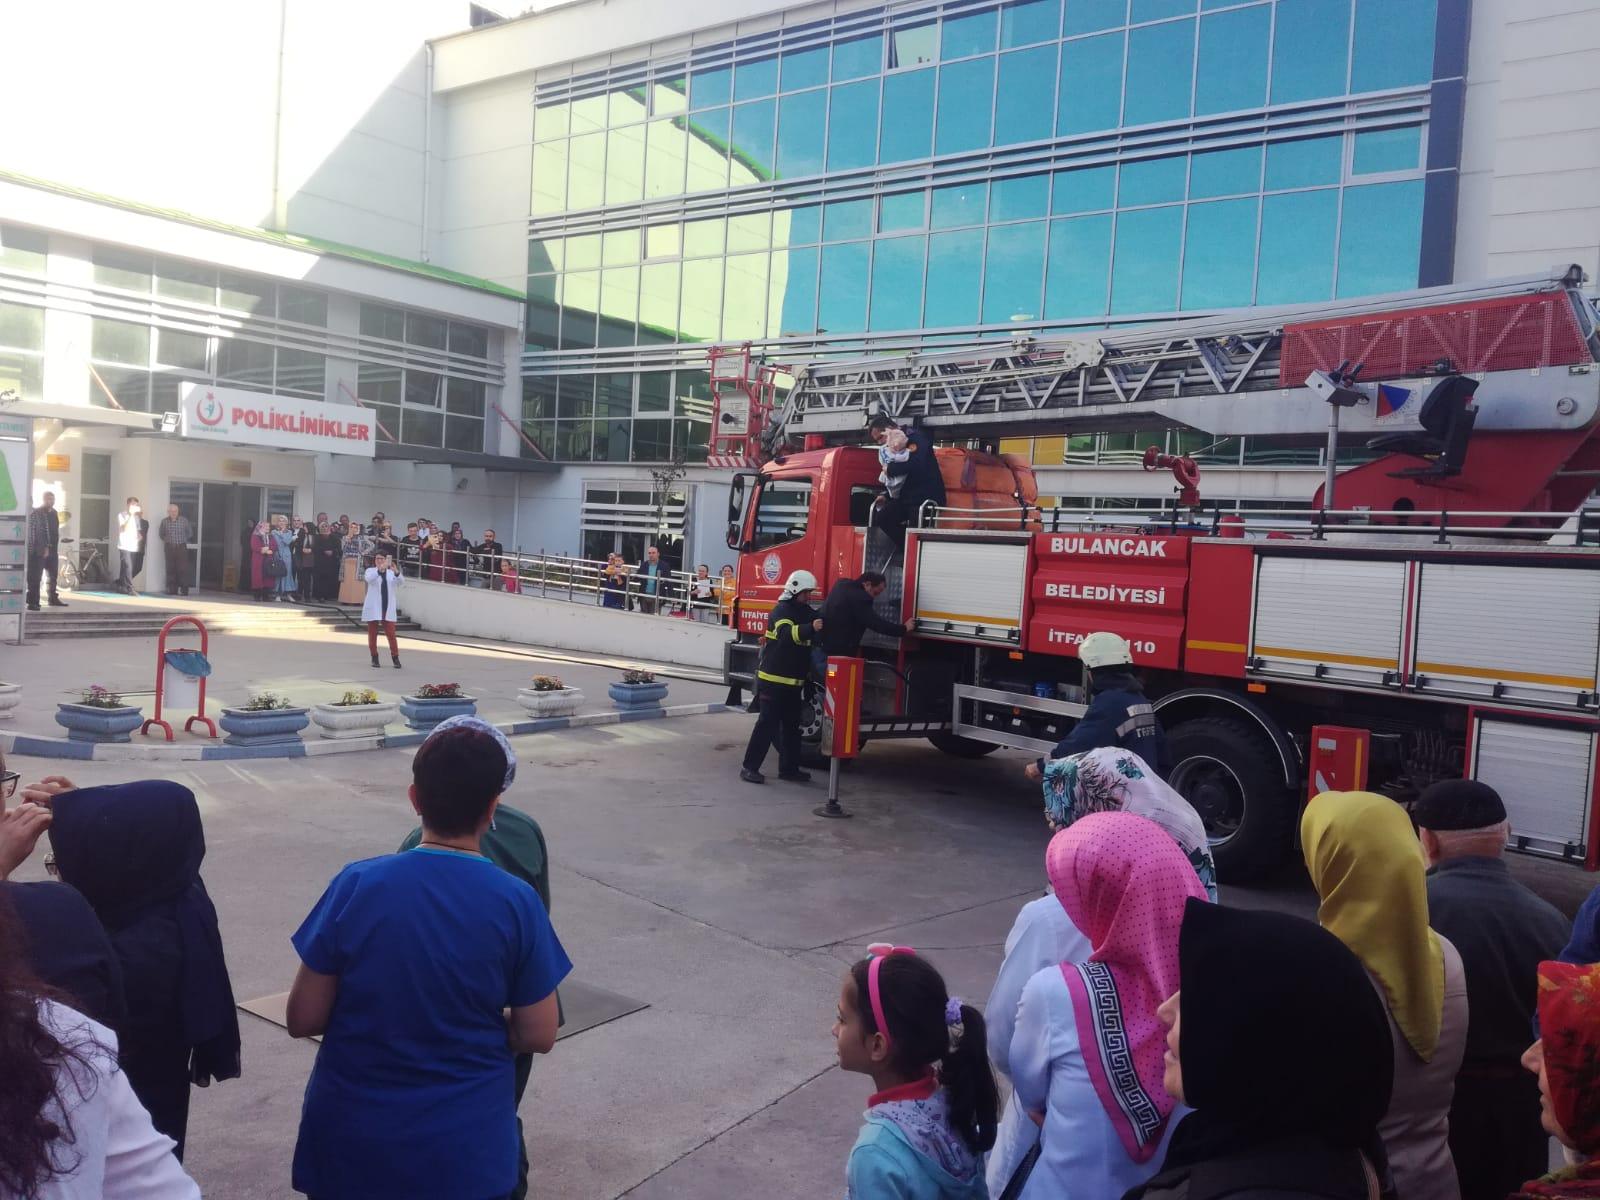 Bulancak Devlet Hastanesi'nde Yangın tatbikatı